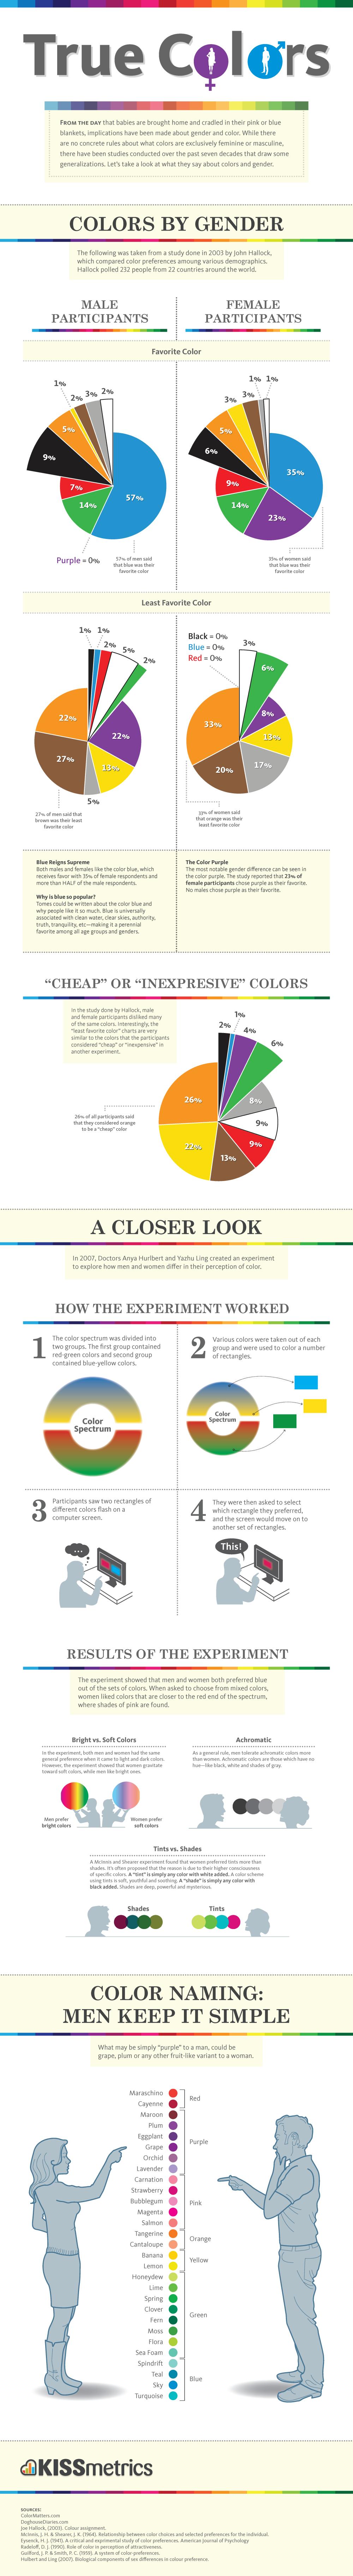 couleur-preferences-sexe